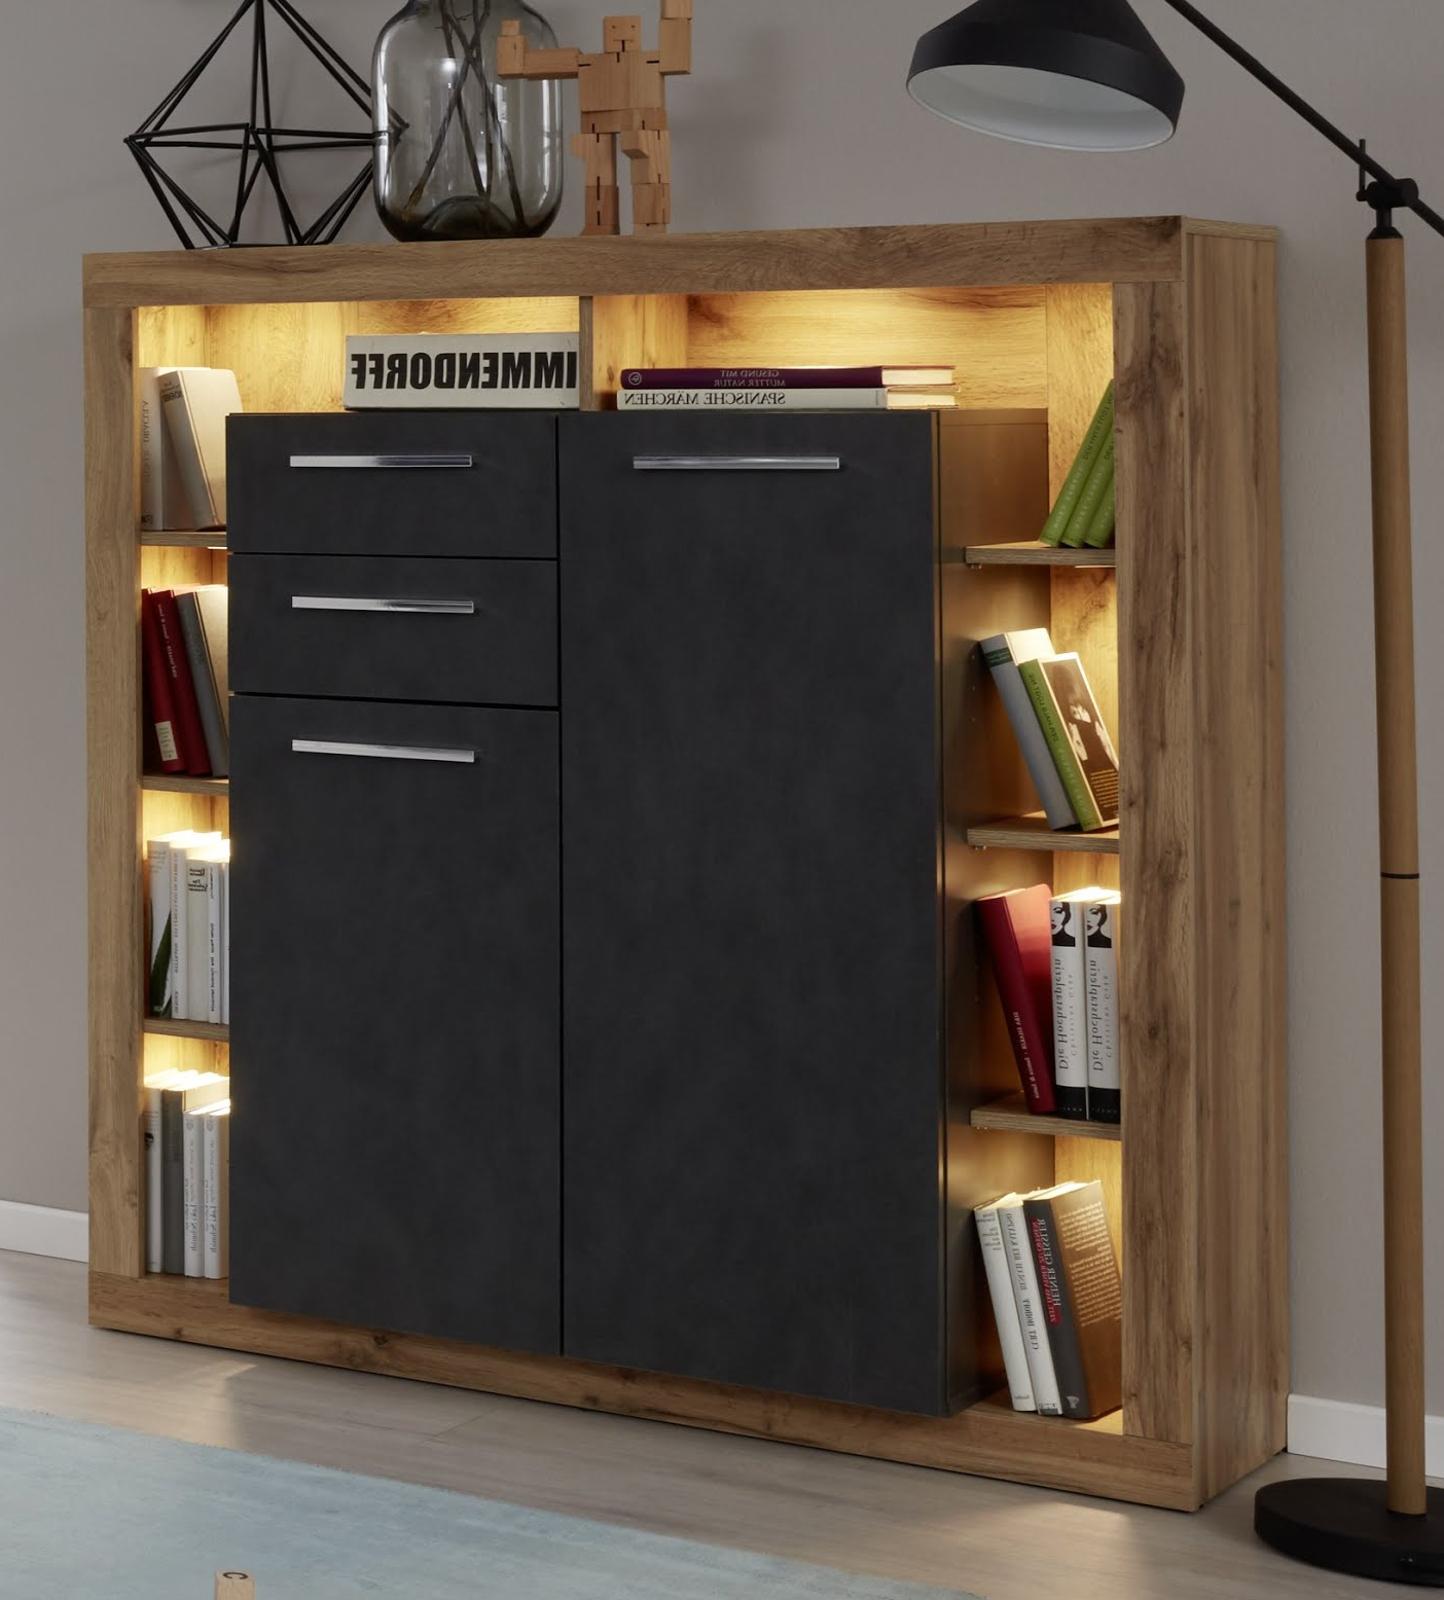 Design : Wohnzimmer Kommode Weiß ~ Inspirierende Bilder Von, Möbel